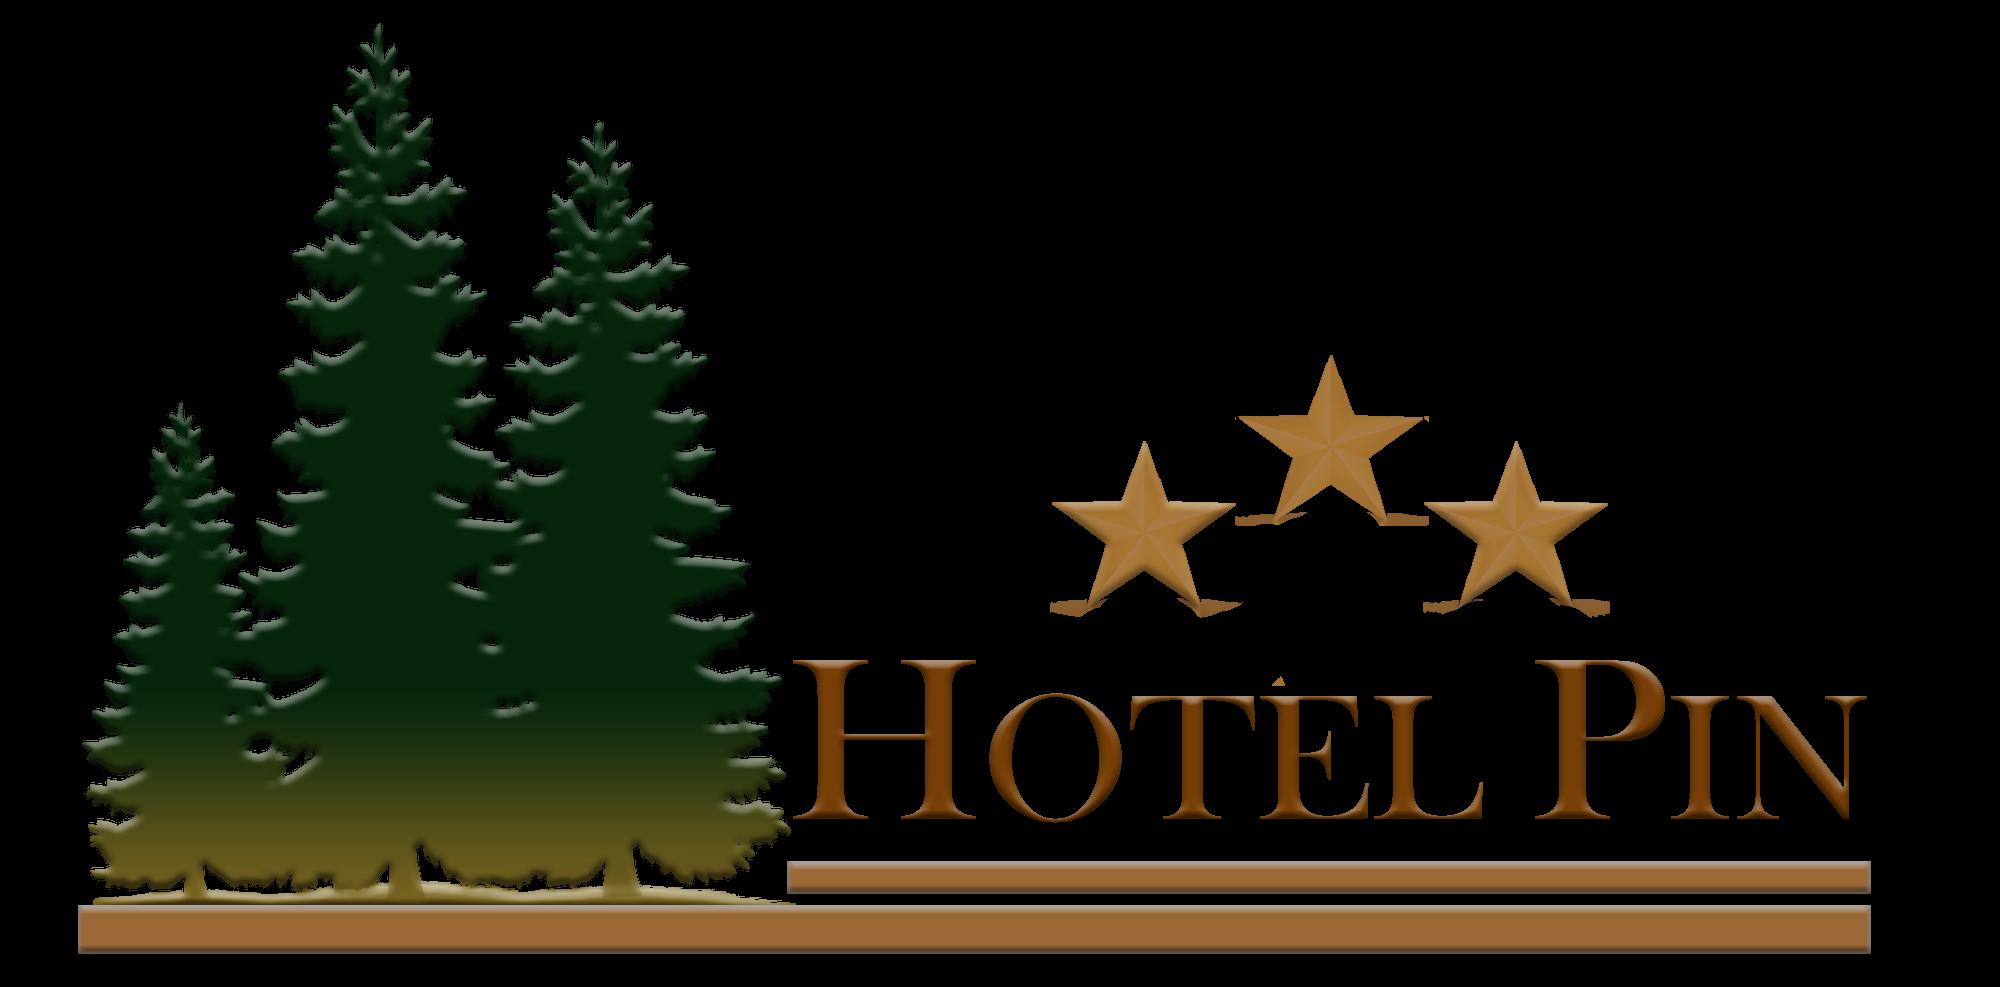 Hotel Pin